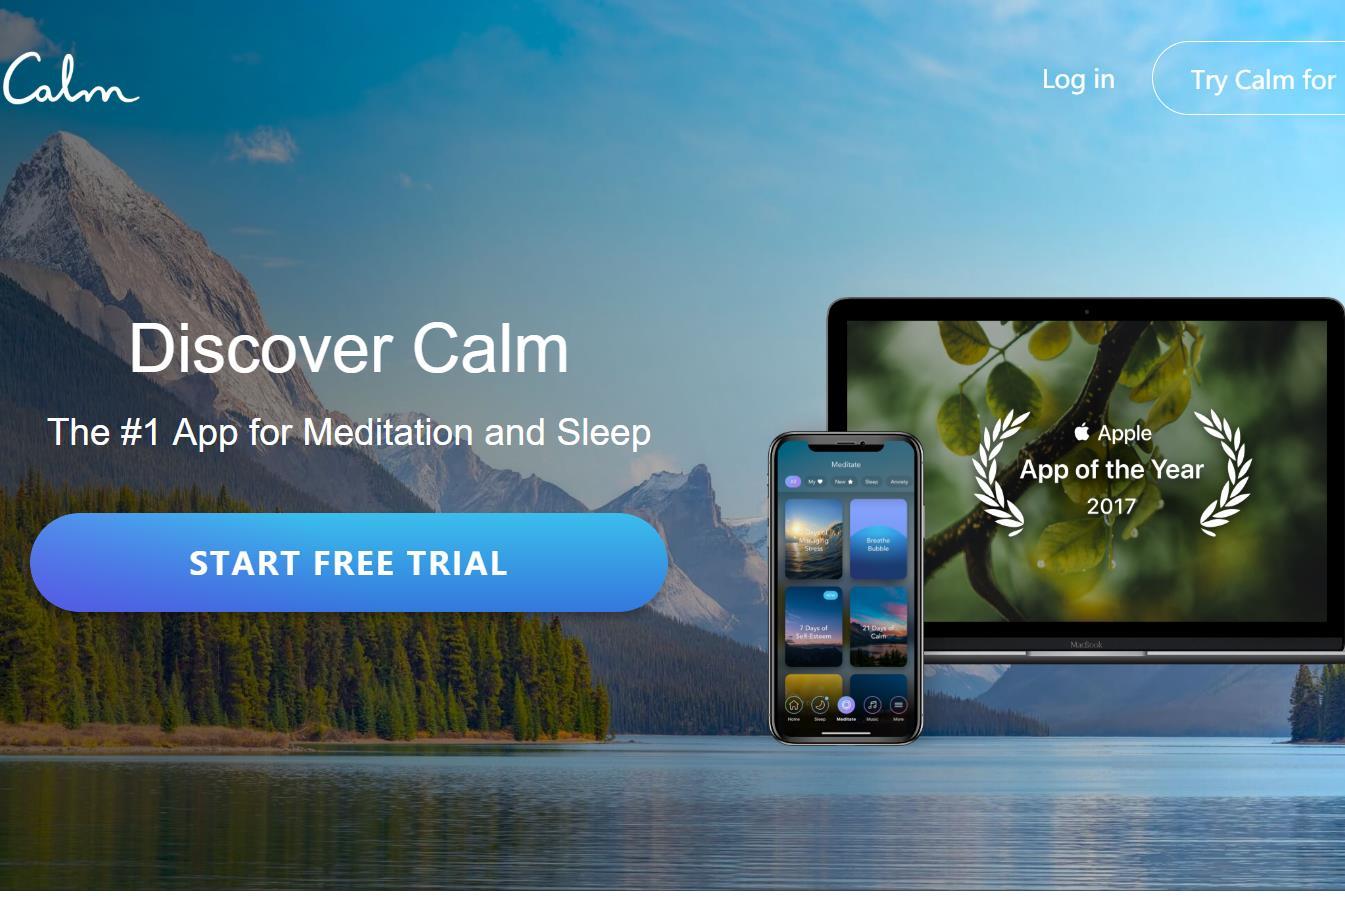 冥想助眠软件 Calm 完成8800万美元B轮融资,公司估值已达10亿美元